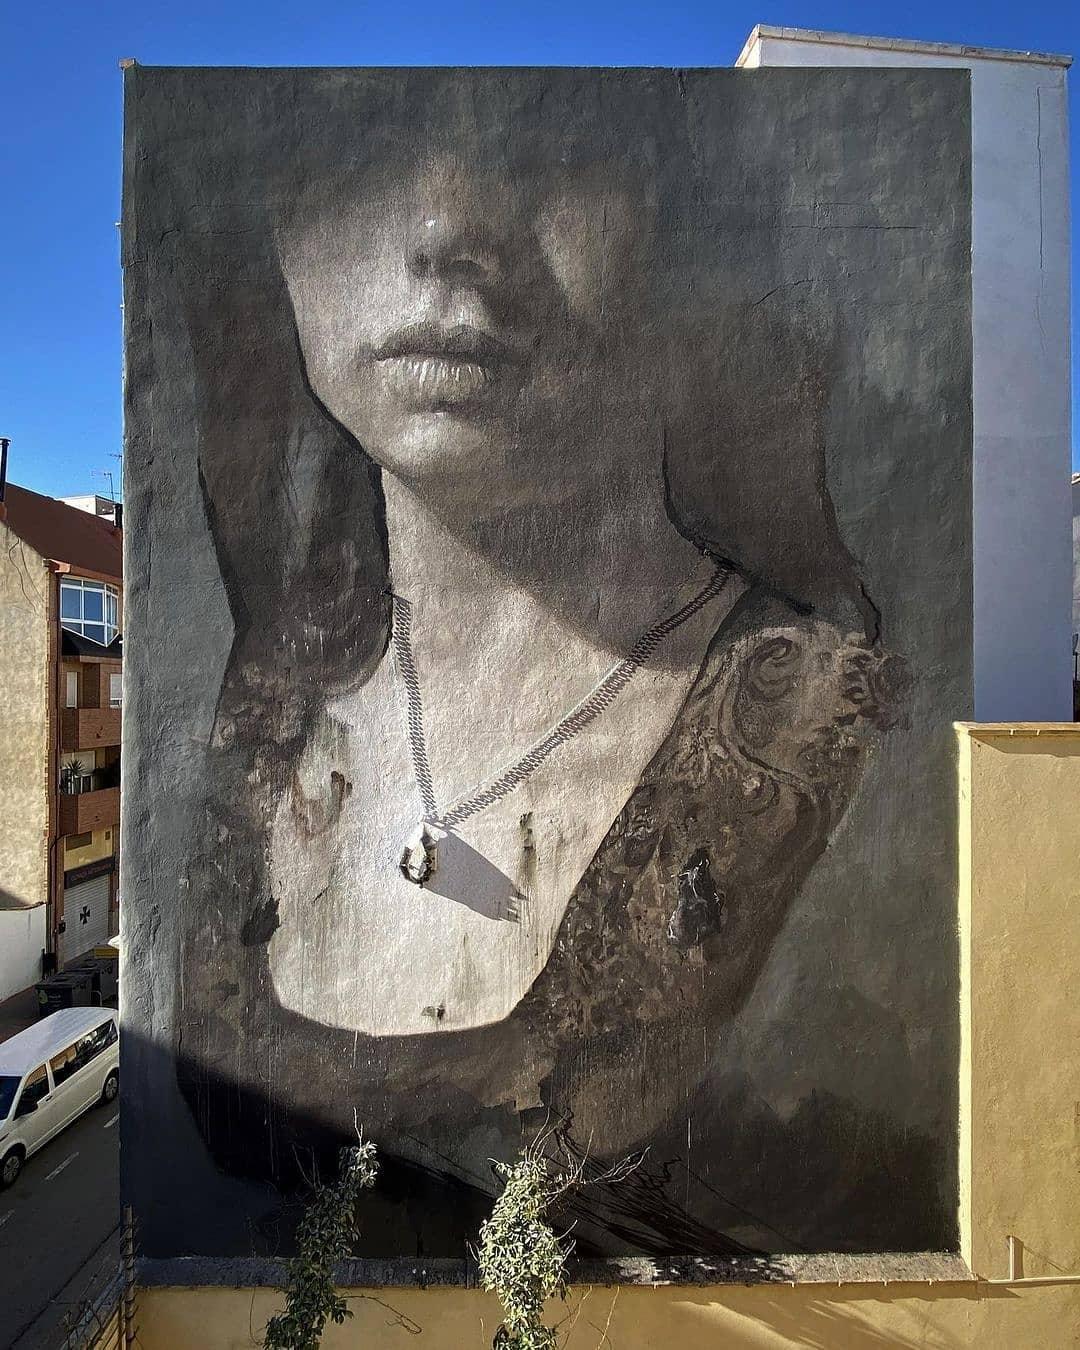 GÔMEZ @ Cheste, Spain